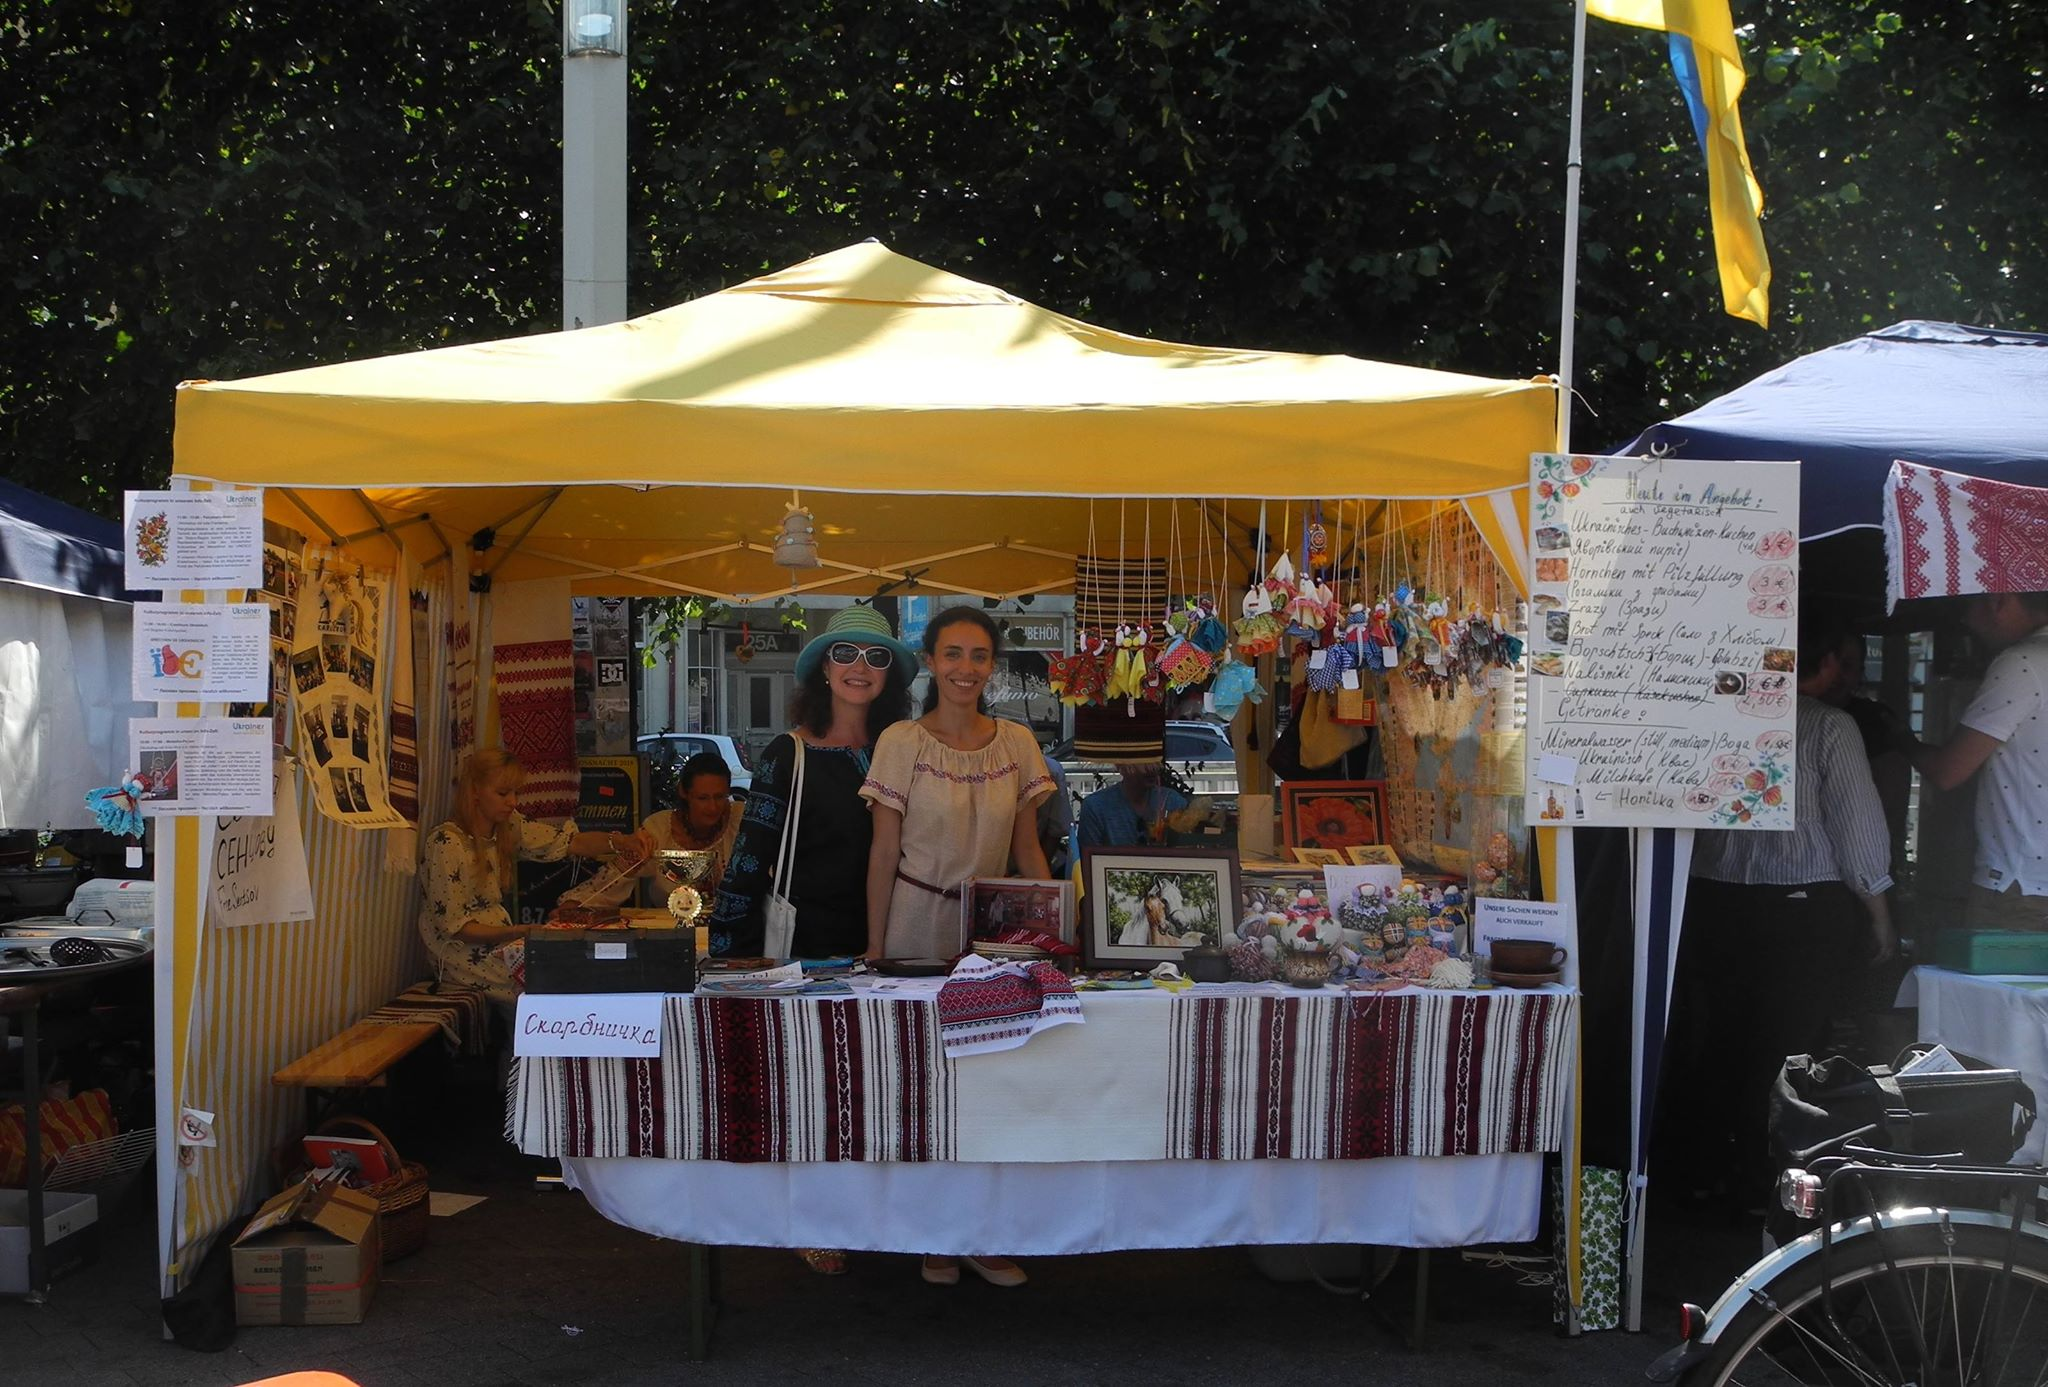 Ukrainer in Karlsruhe beim MONDO Fest. Sommer 2018